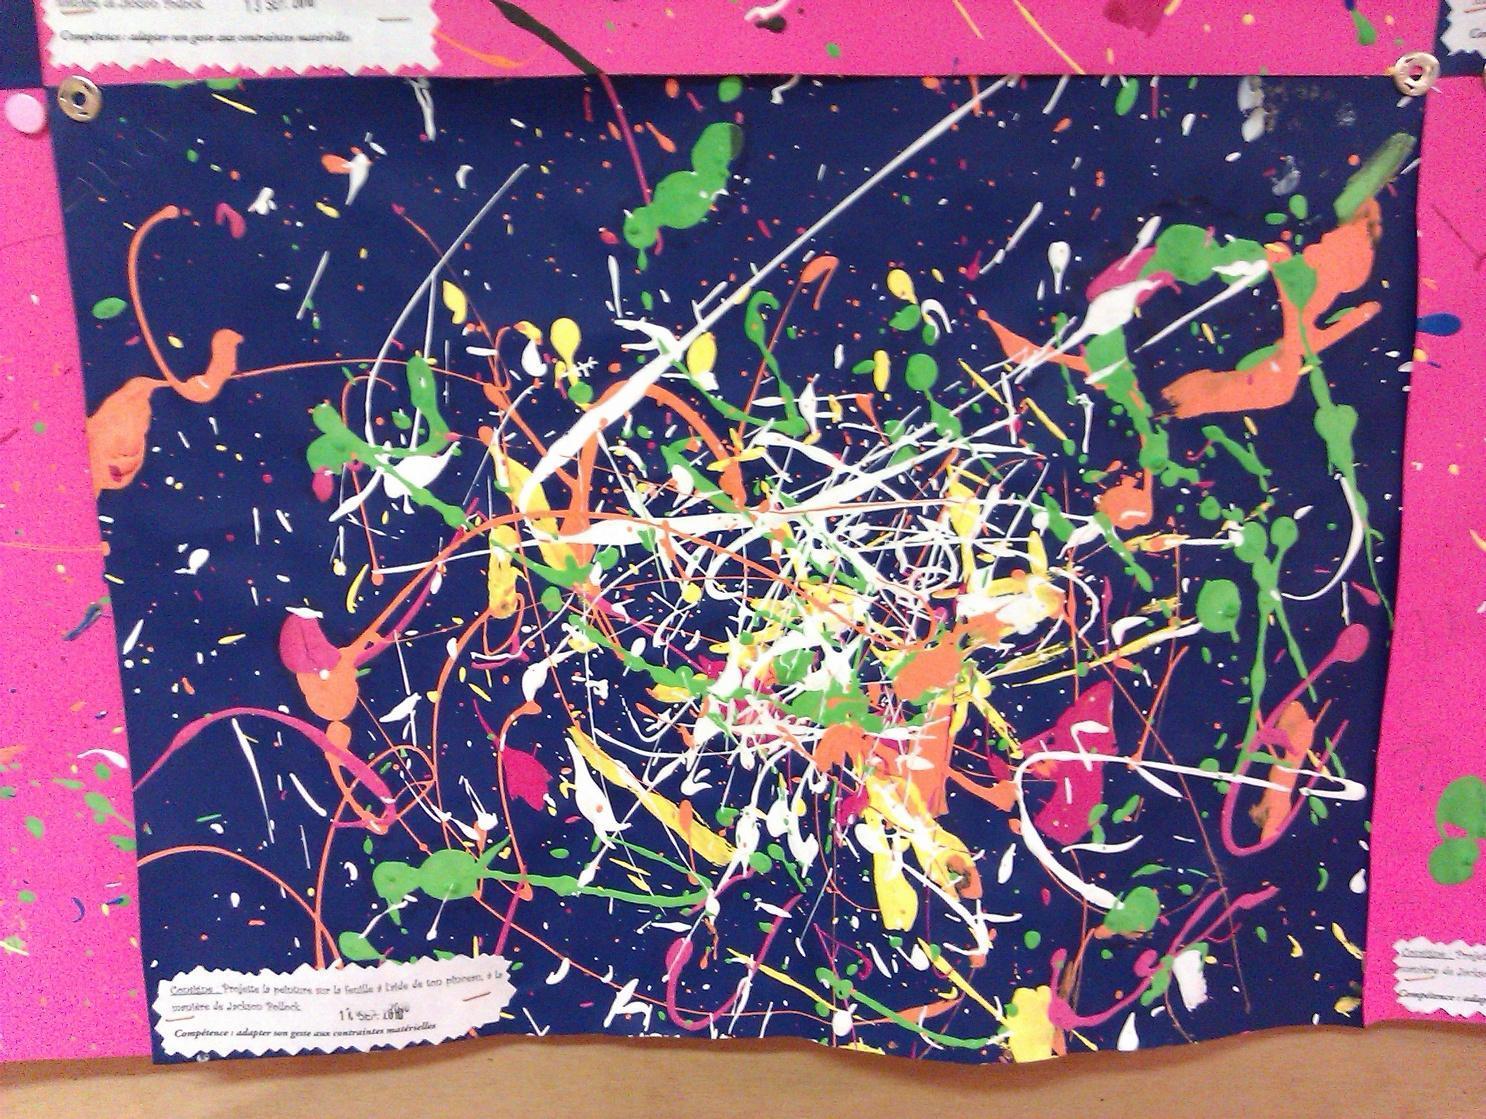 Projections à La Manière De Jackson Pollock Autour De à